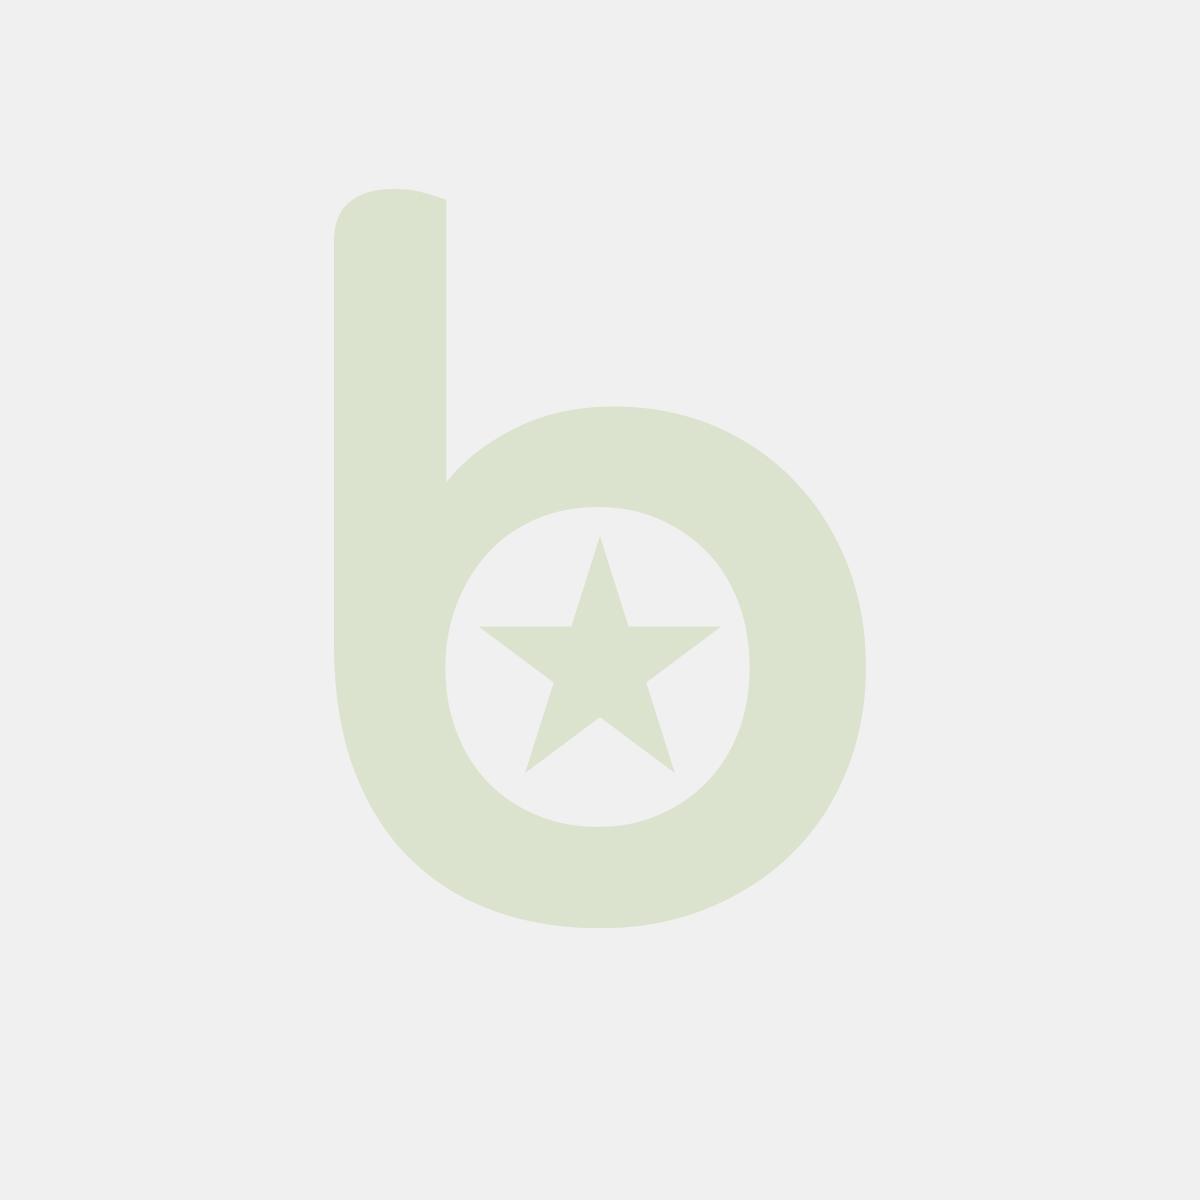 Rożek na FRYTKI, NUGGETSY, CHURROSSY średni 300ml TnG brązowy 180x250 z miejscem na DIP op. 100 sztuk